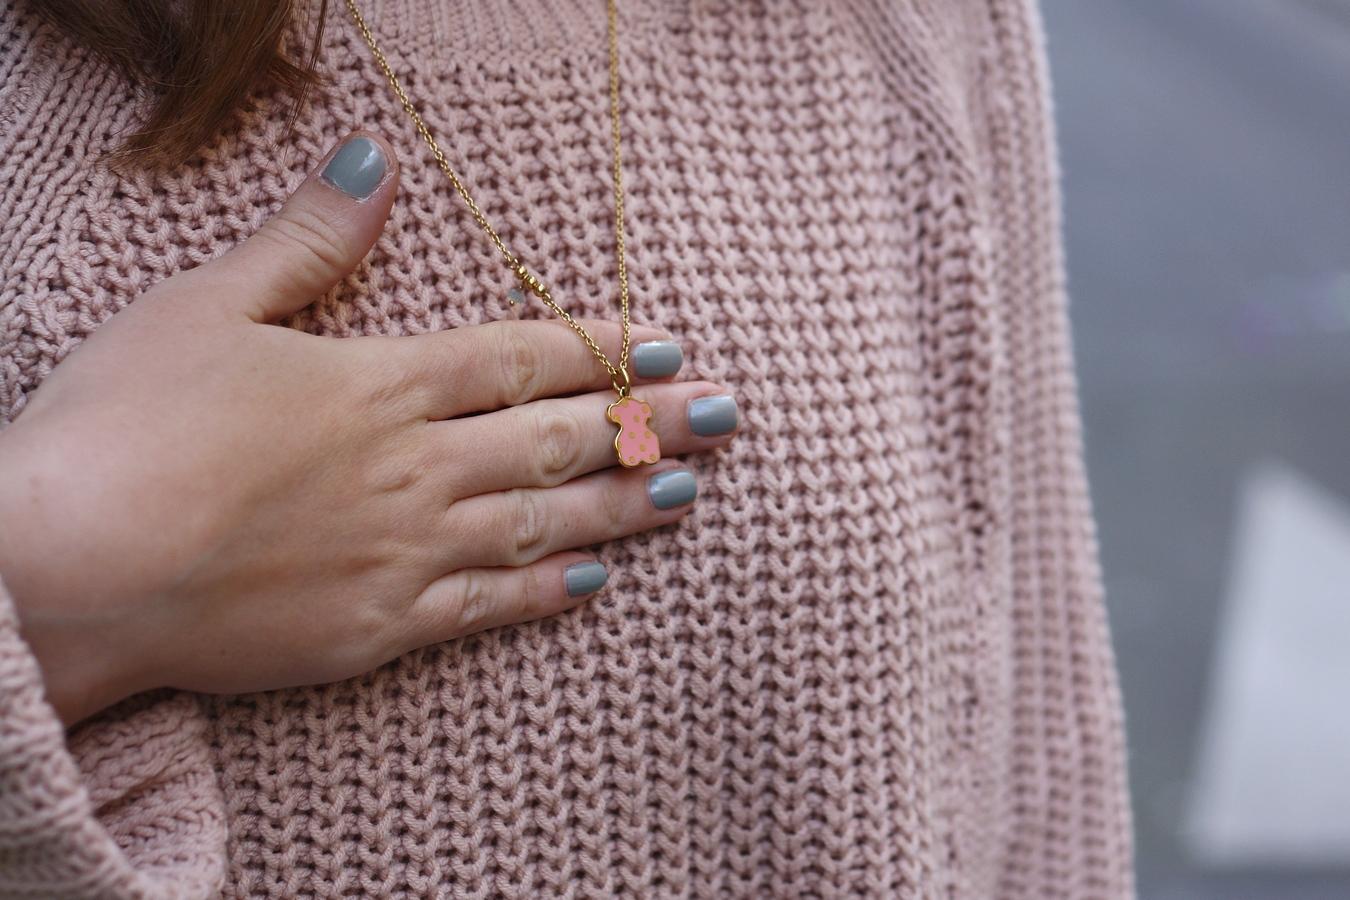 Blog mode femme Paris - Du style, Madame - tous - bijoux - collier face - necklace